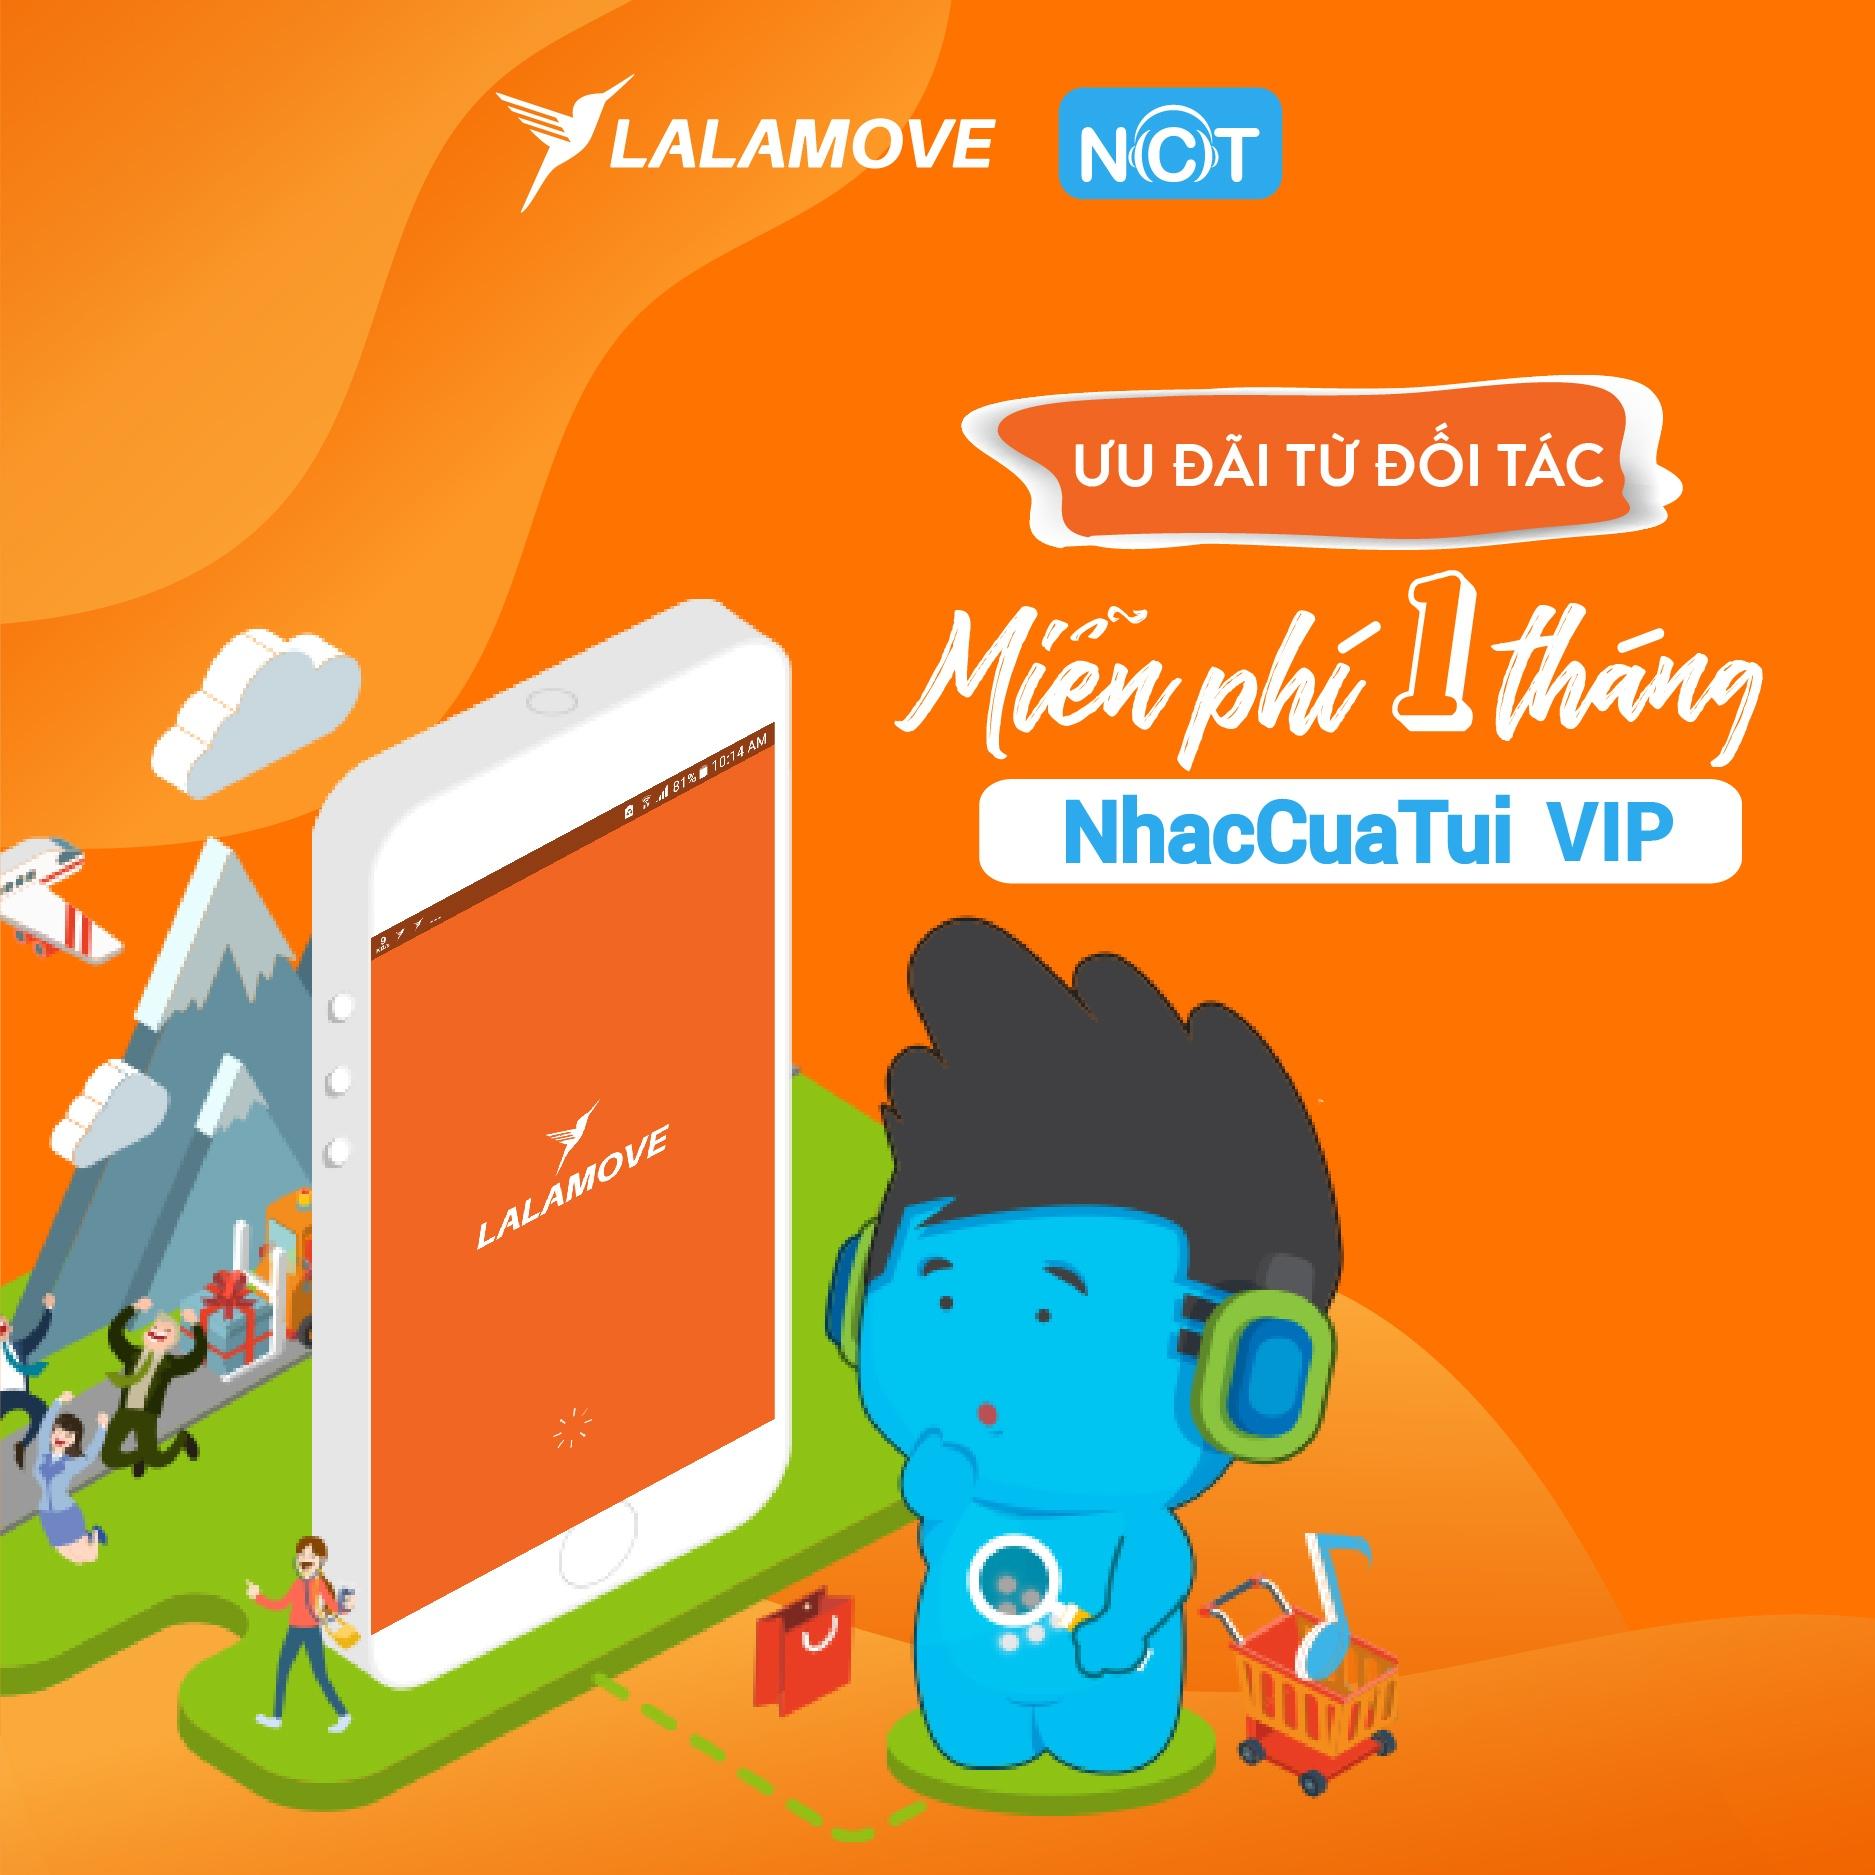 Ưu đãi từ Lalamove & NCT